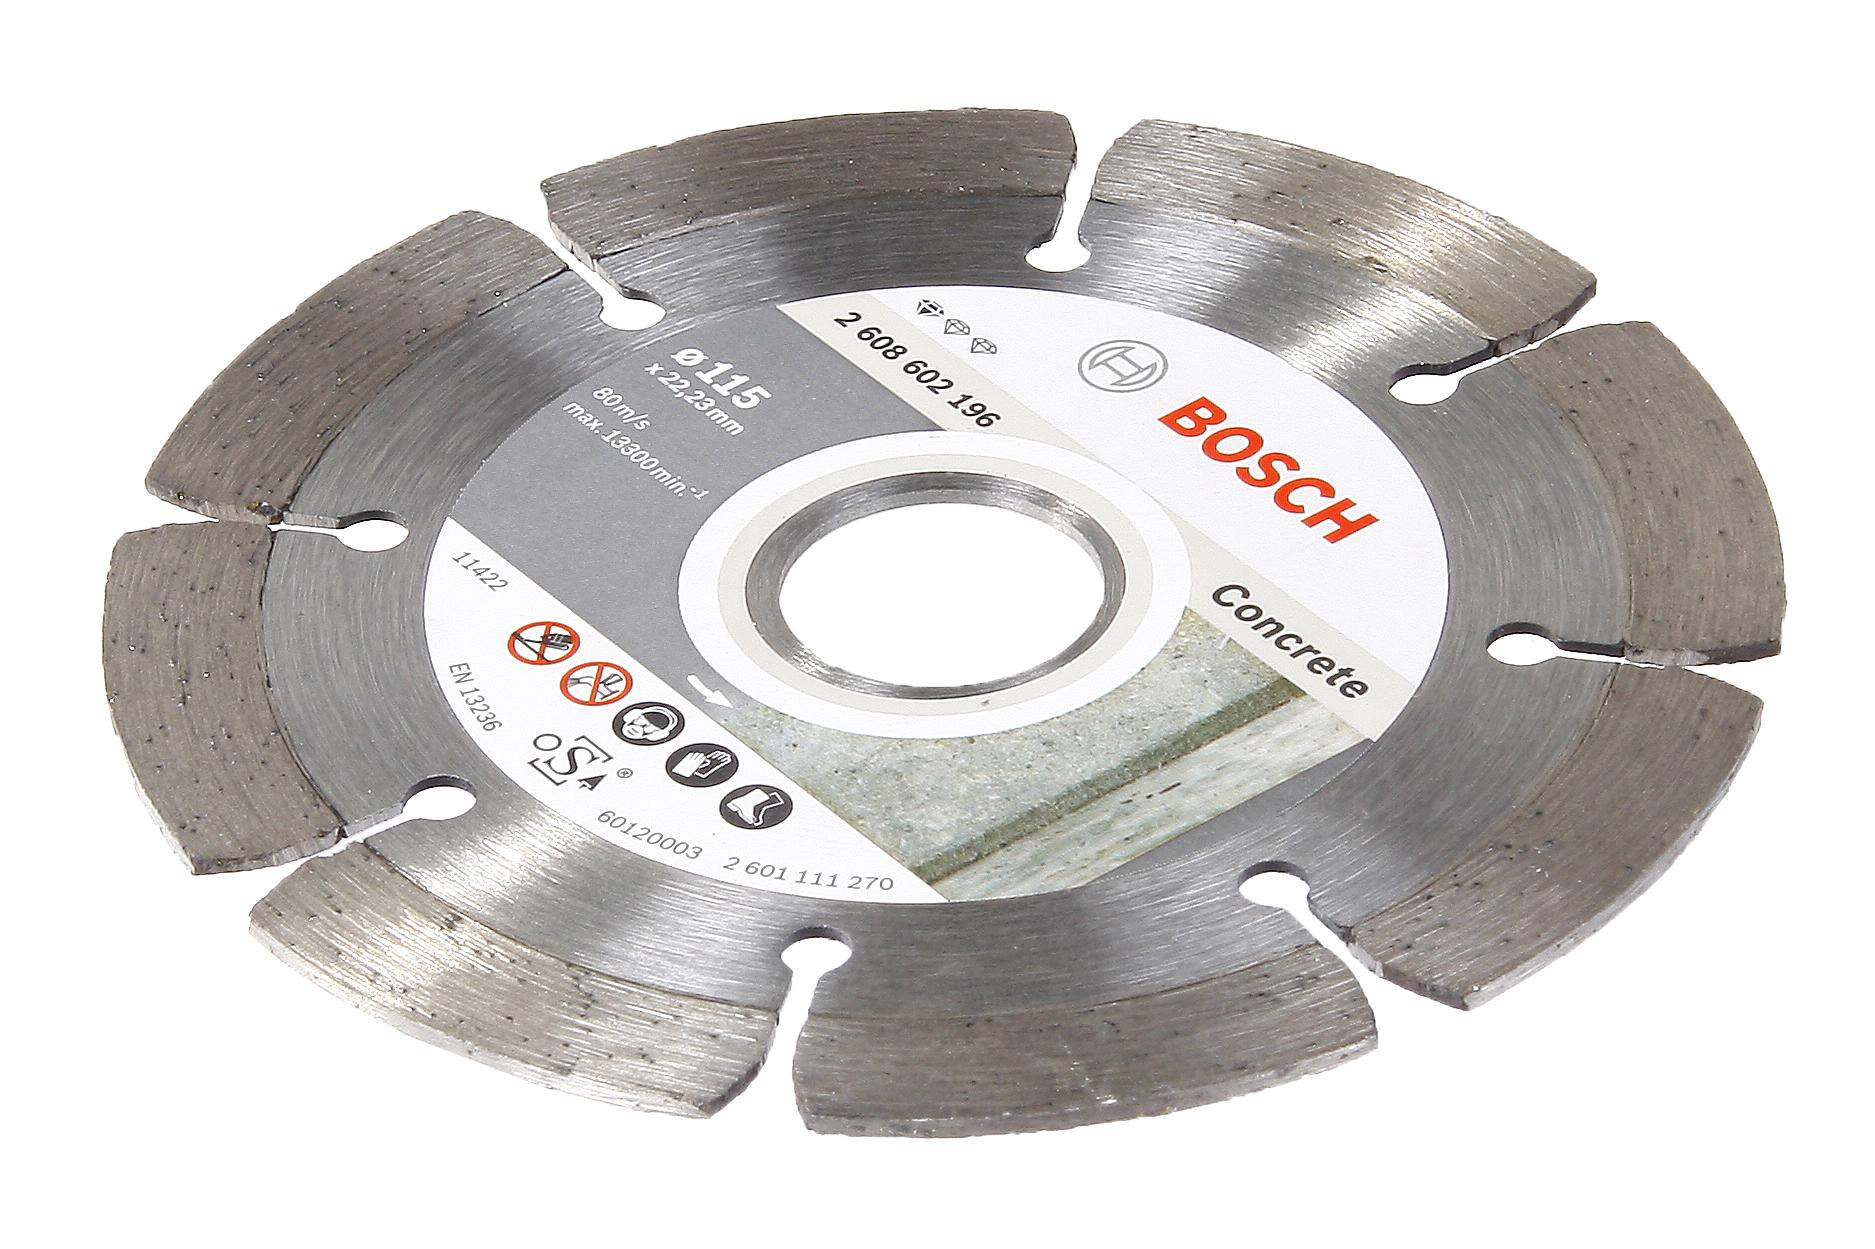 Круг алмазный Bosch Standard for concrete 150x22,2 сегмент (2.608.602.198) круг алмазный bosch expert for concrete 450x25 4 сегмент 2 608 602 563